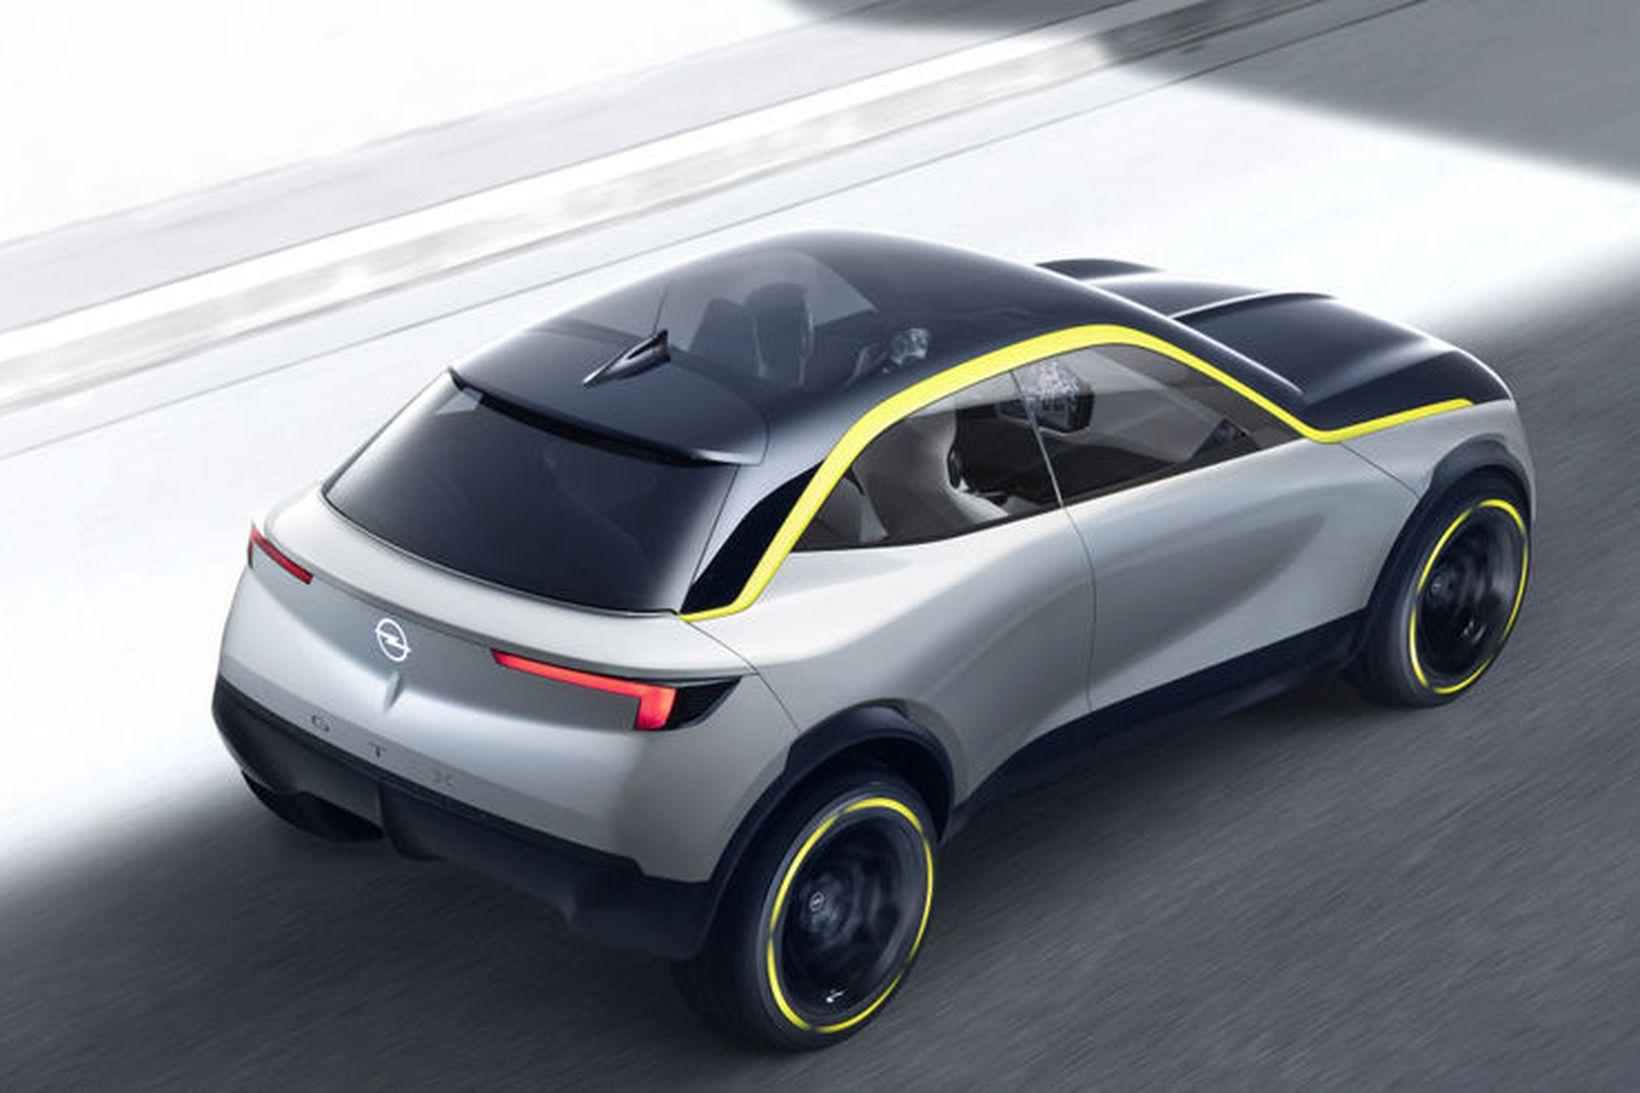 Nýr Opel Corsa sem væntanlegur er á næsta ári er …